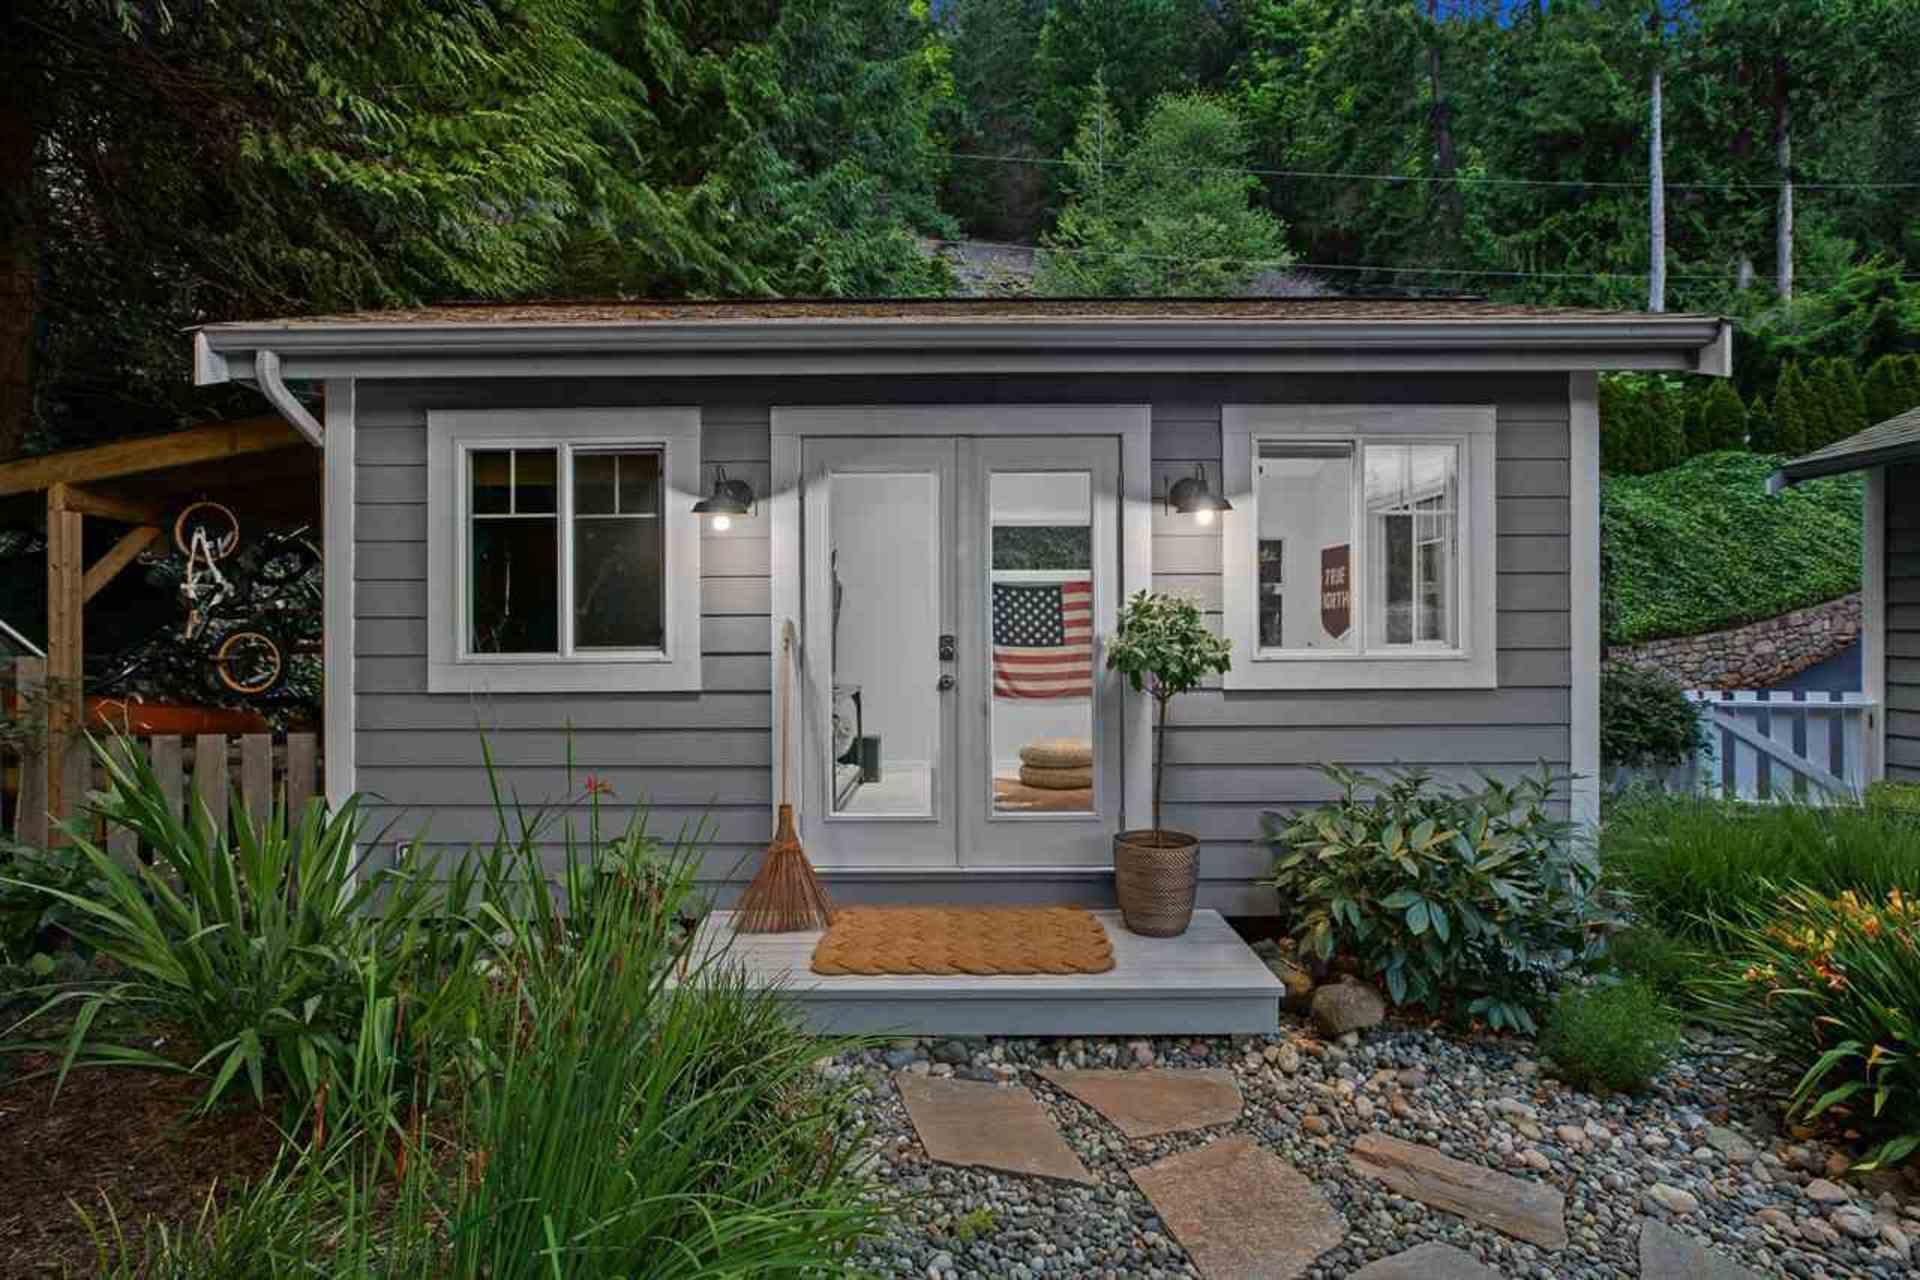 5775-cranley-drive-eagle-harbour-west-vancouver-12 at 5775 Cranley Drive, Eagle Harbour, West Vancouver